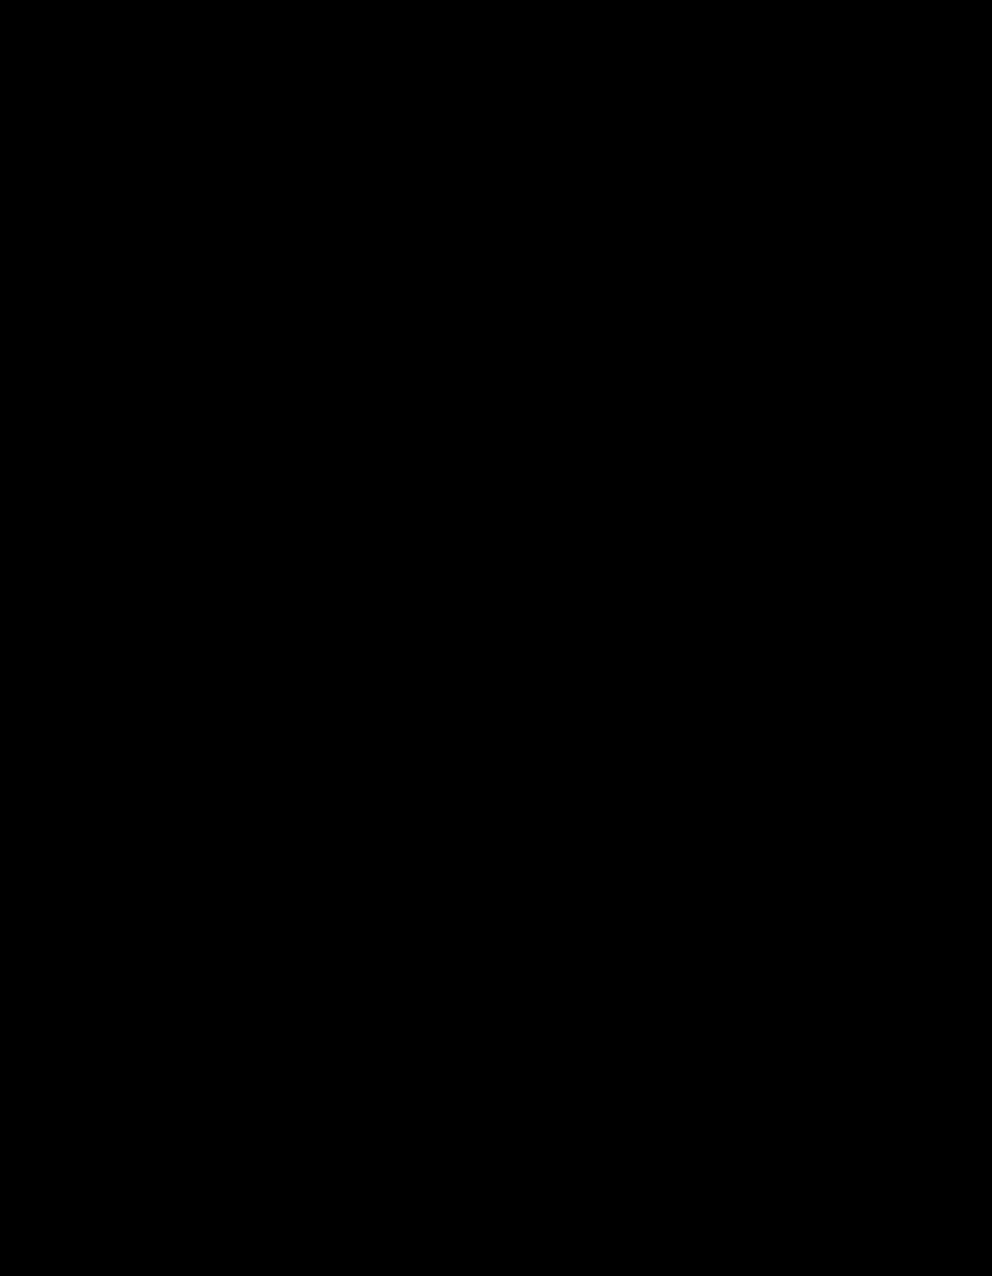 CIL CE